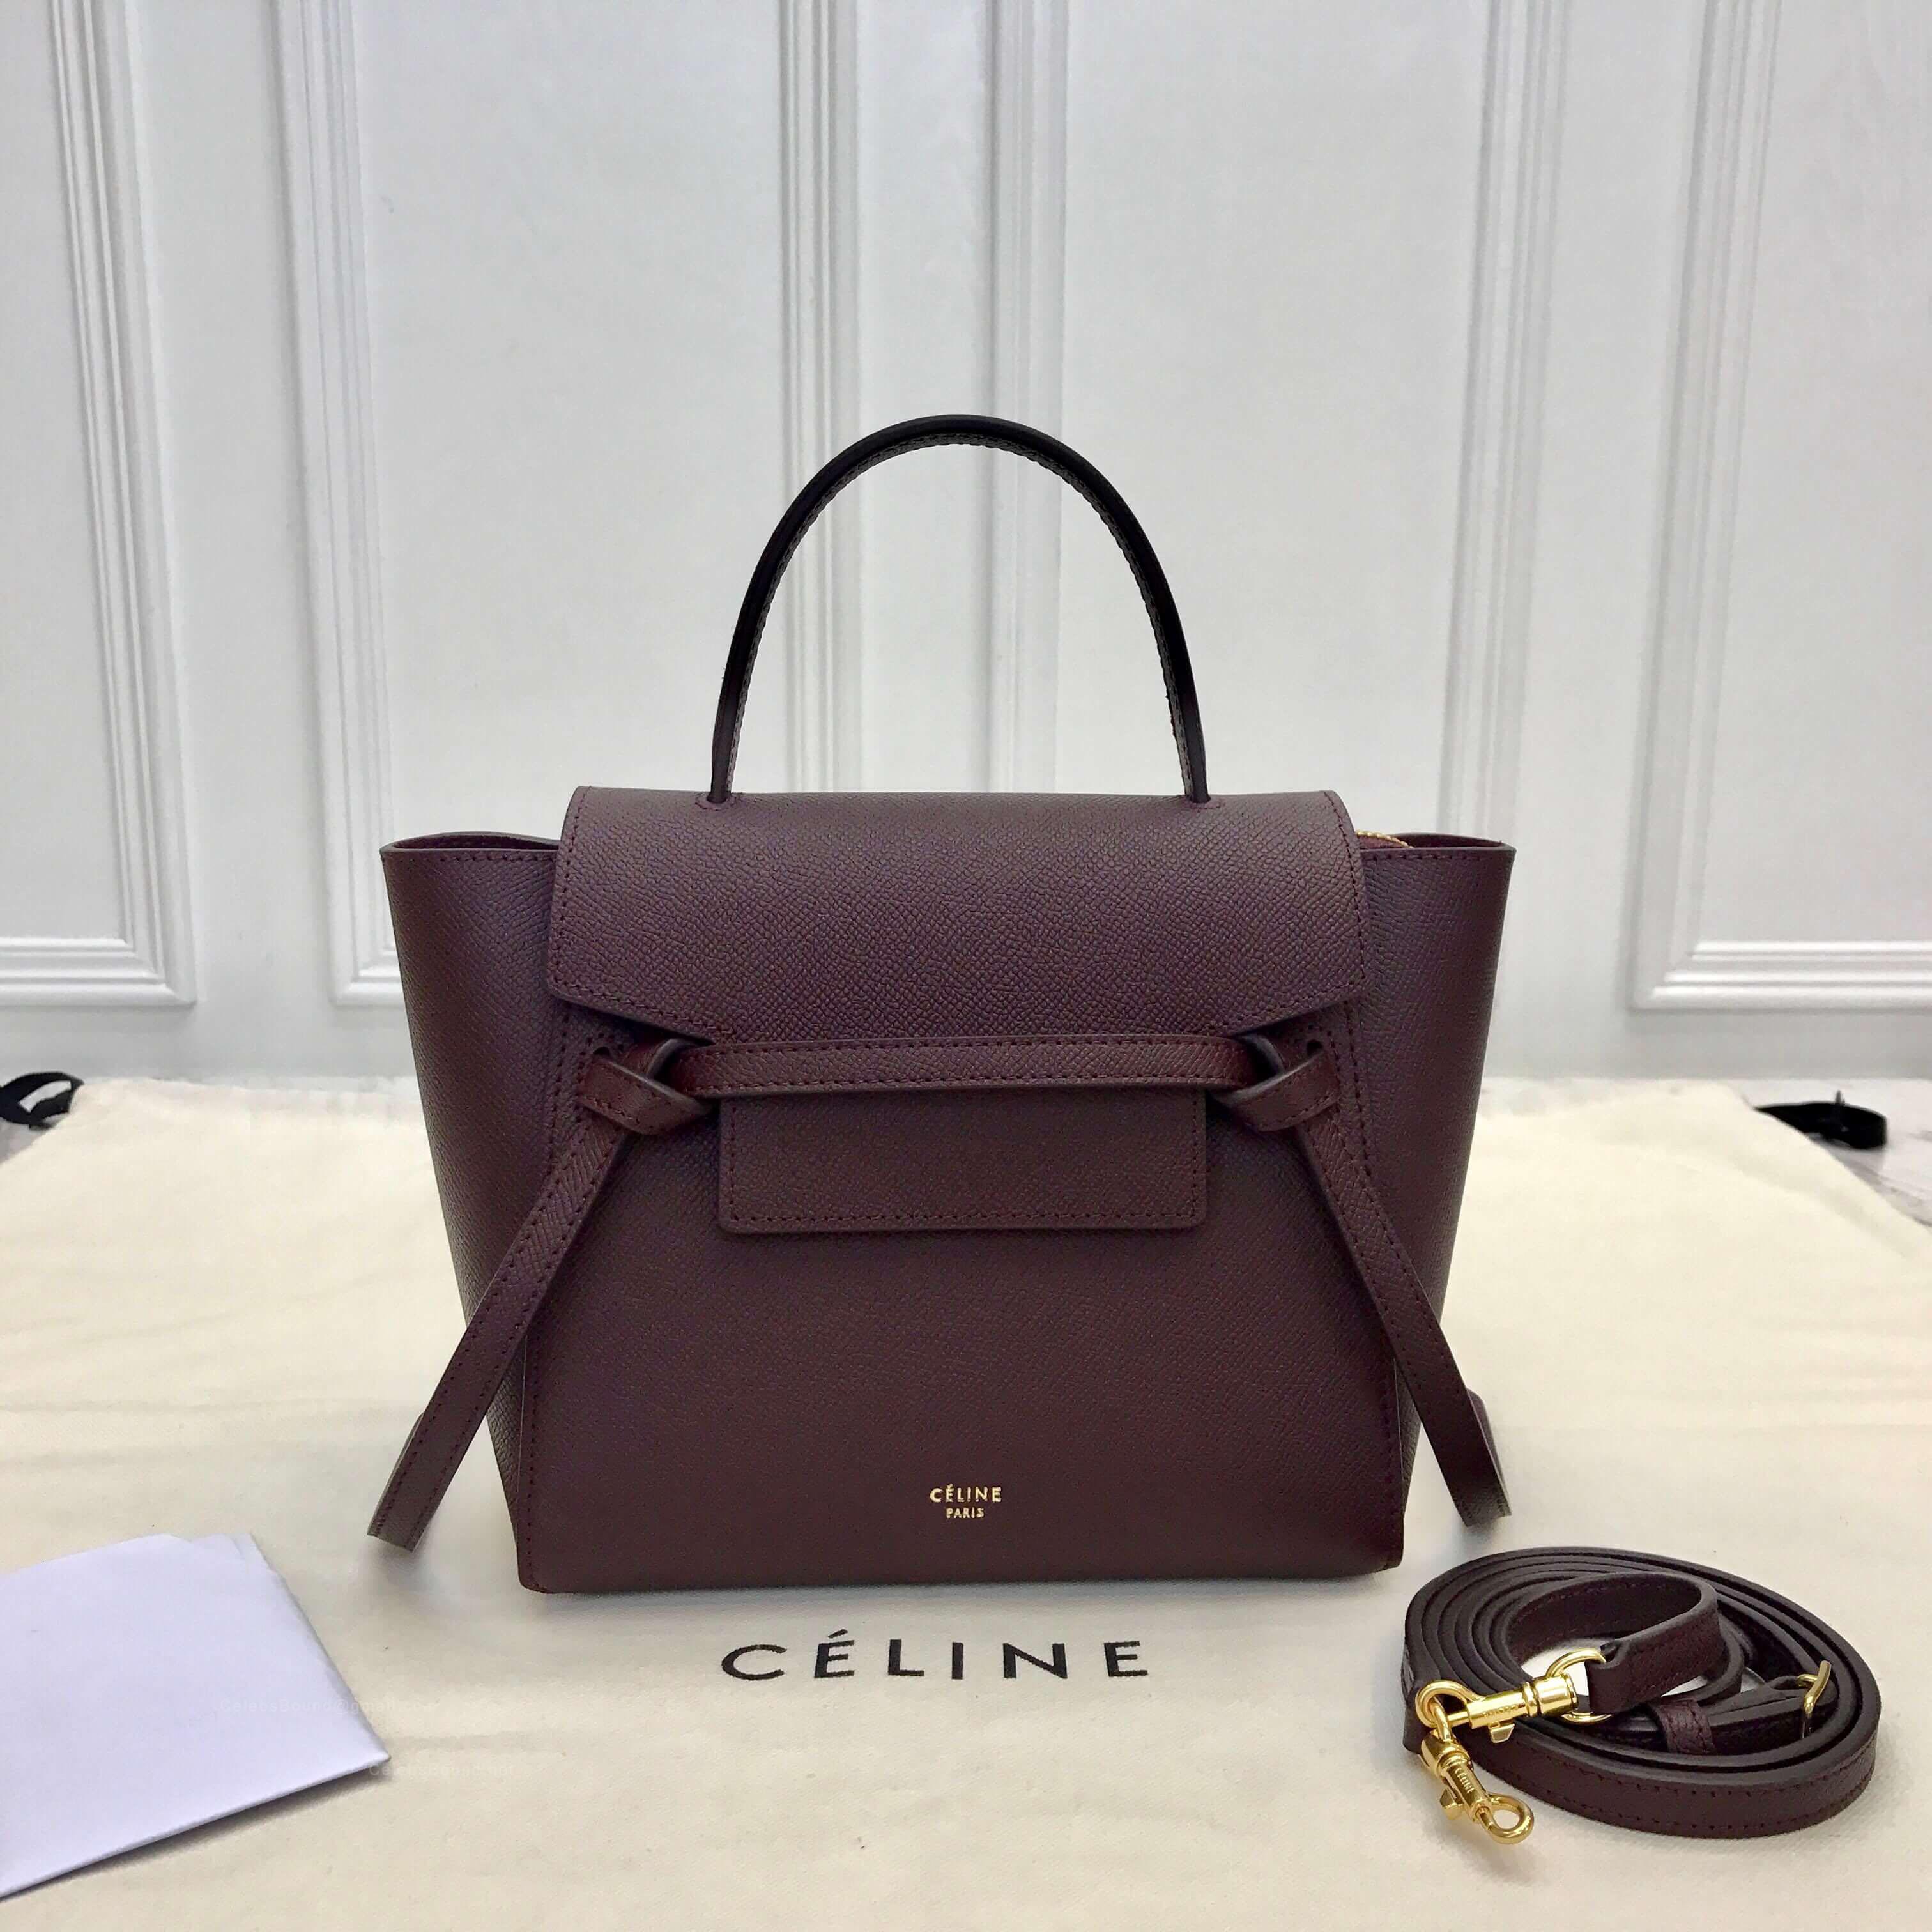 20ac9c8a0a7b Celine Nano Belt Bags - Celine Replica High Quality